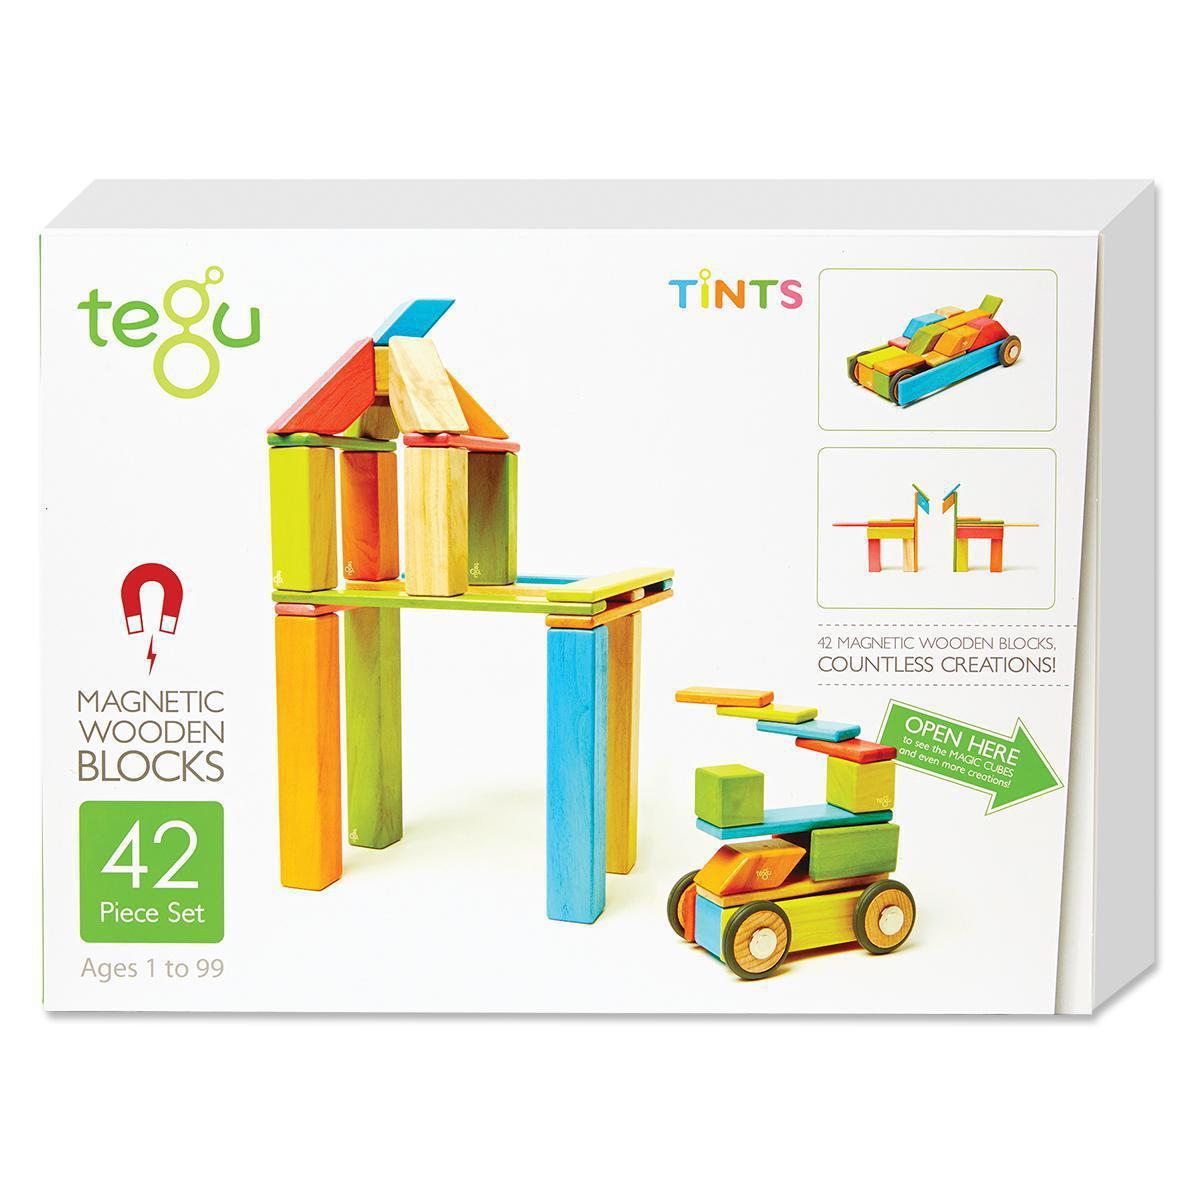 Blocs de bois magnétiques Tegu